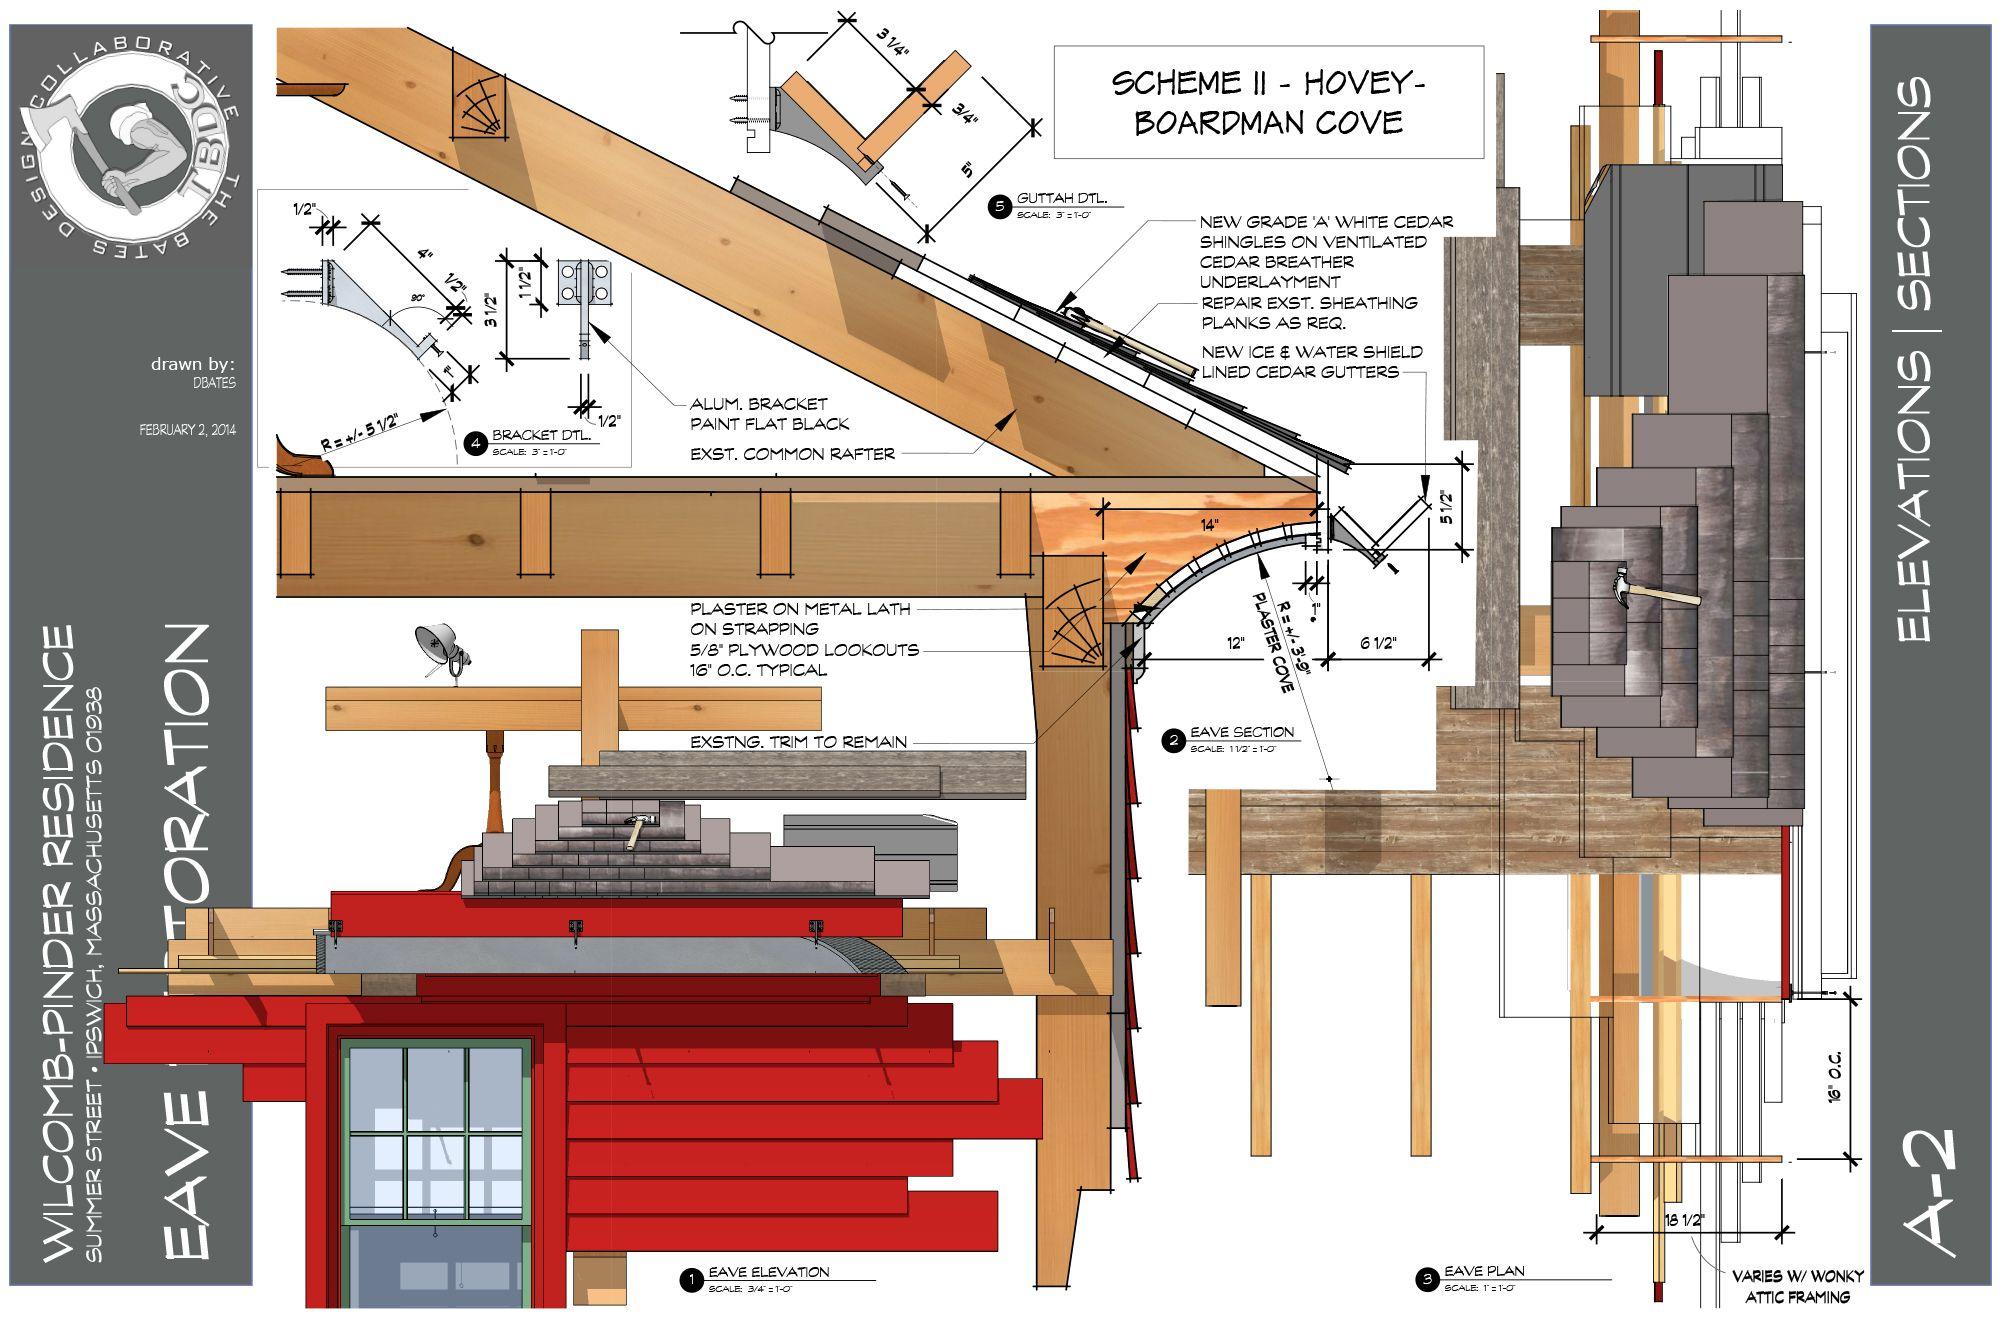 Google Sketchup 2d Floor Plan Google Sketchup Floor Plan Door Thefloors Co